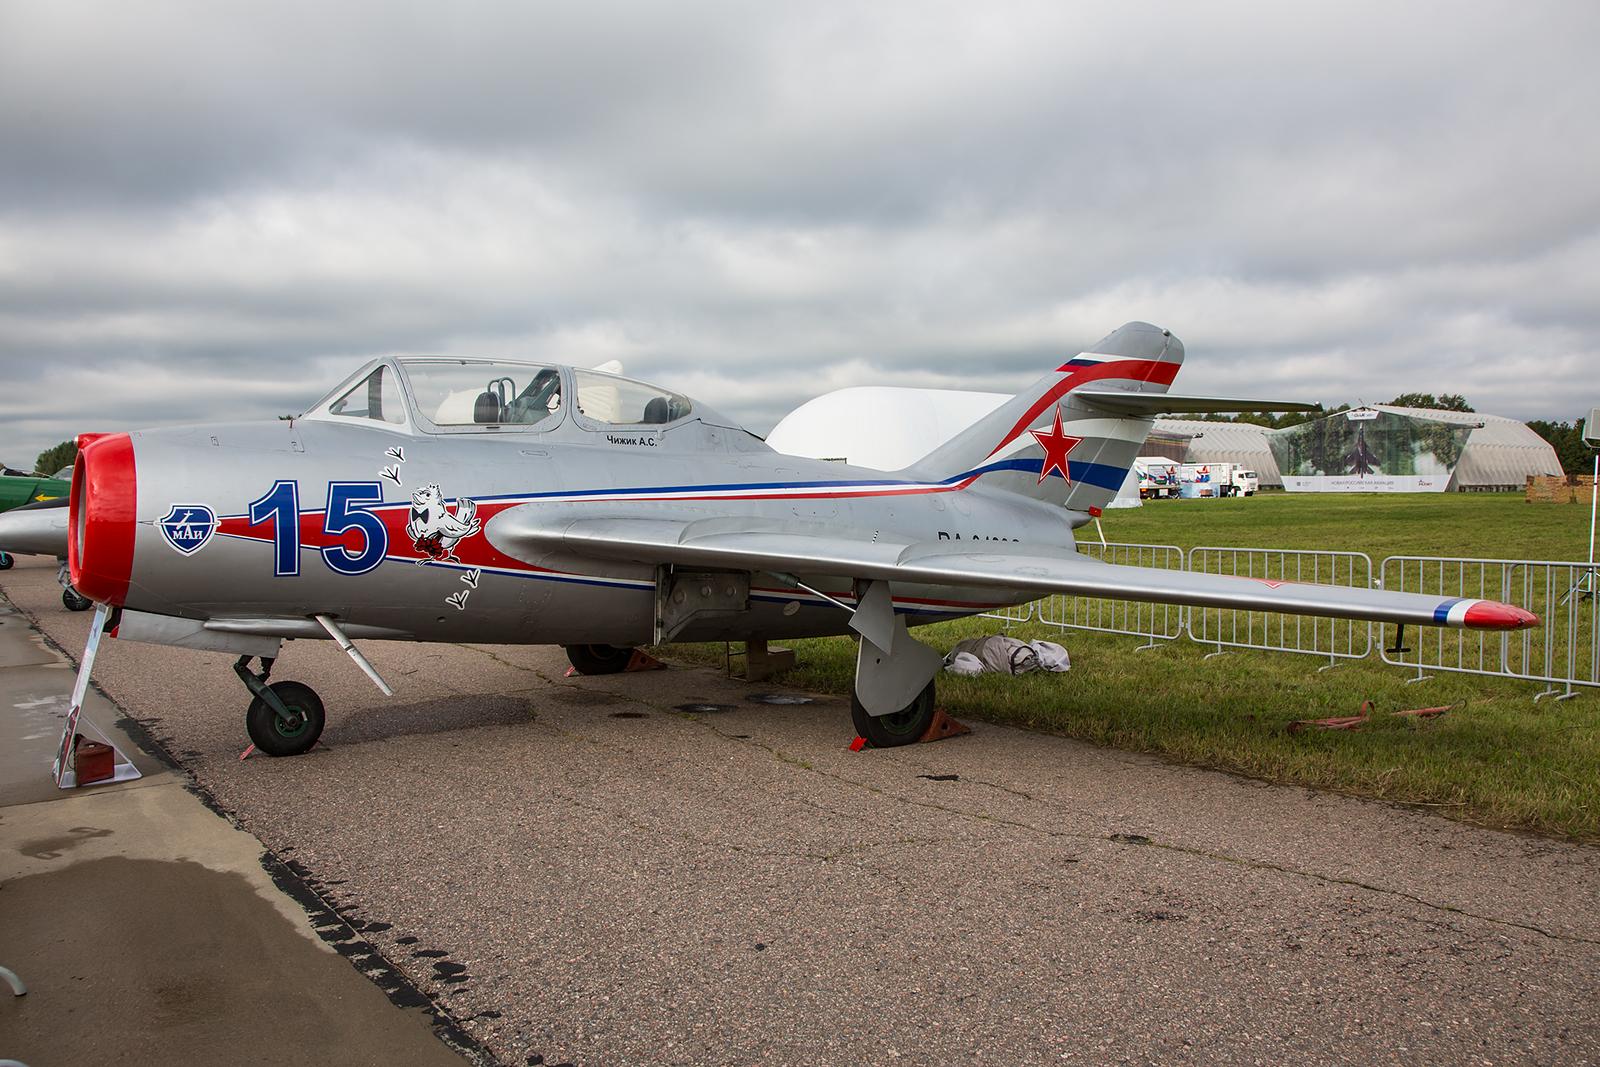 Auch in Russland gibt es ehemalige Militärjets in Privatbesitz, hier eine MiG-15UTI.